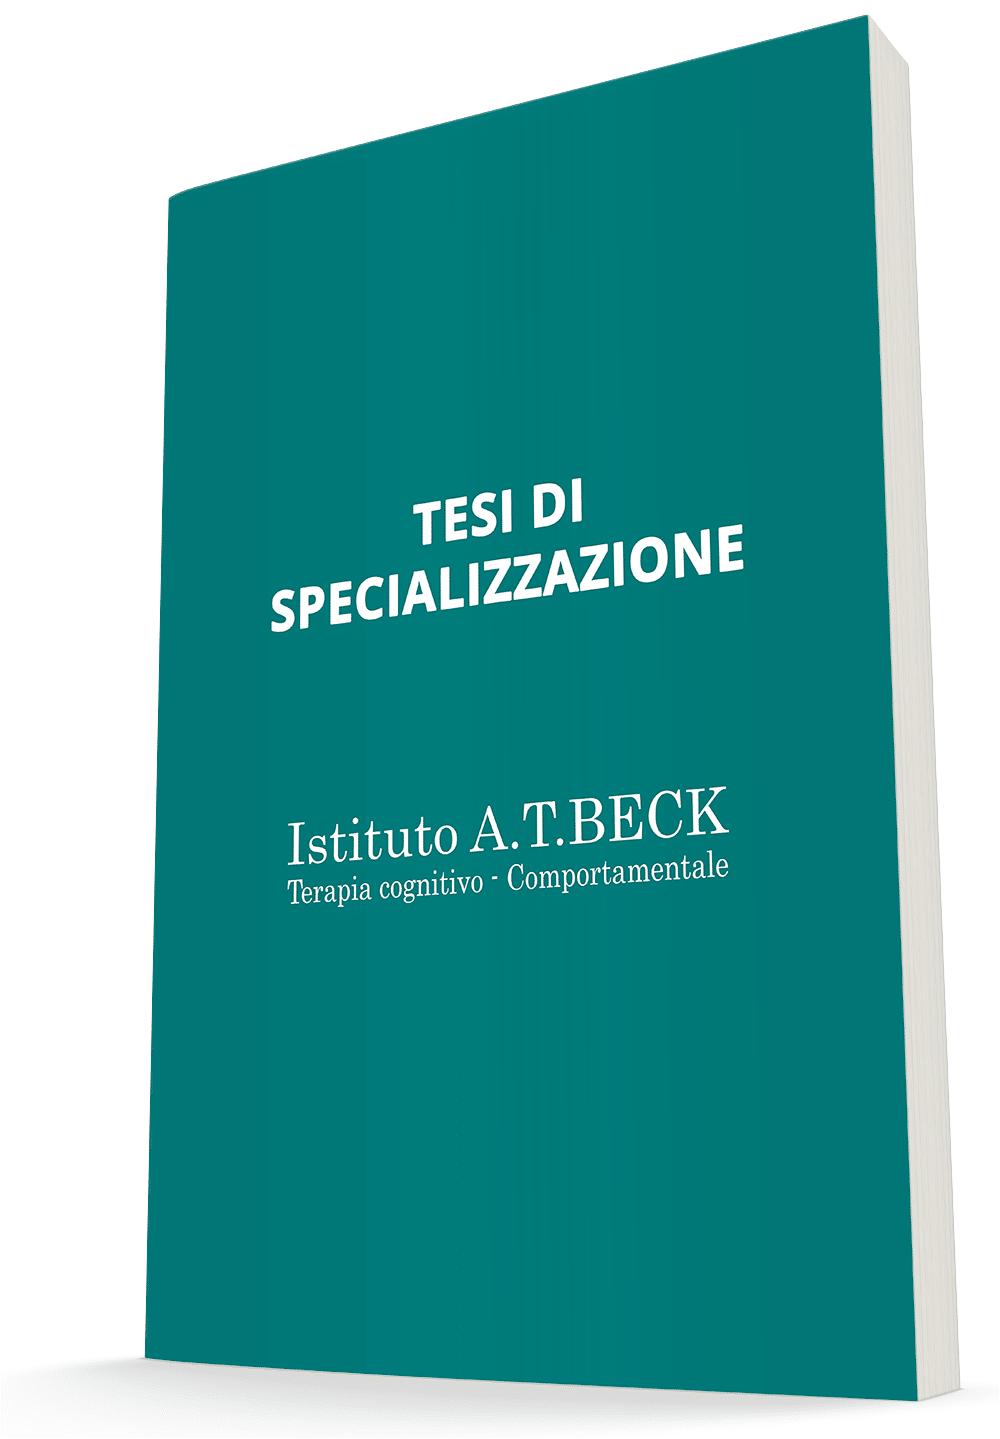 Tesi di specializzazione dell'Istituto Beck